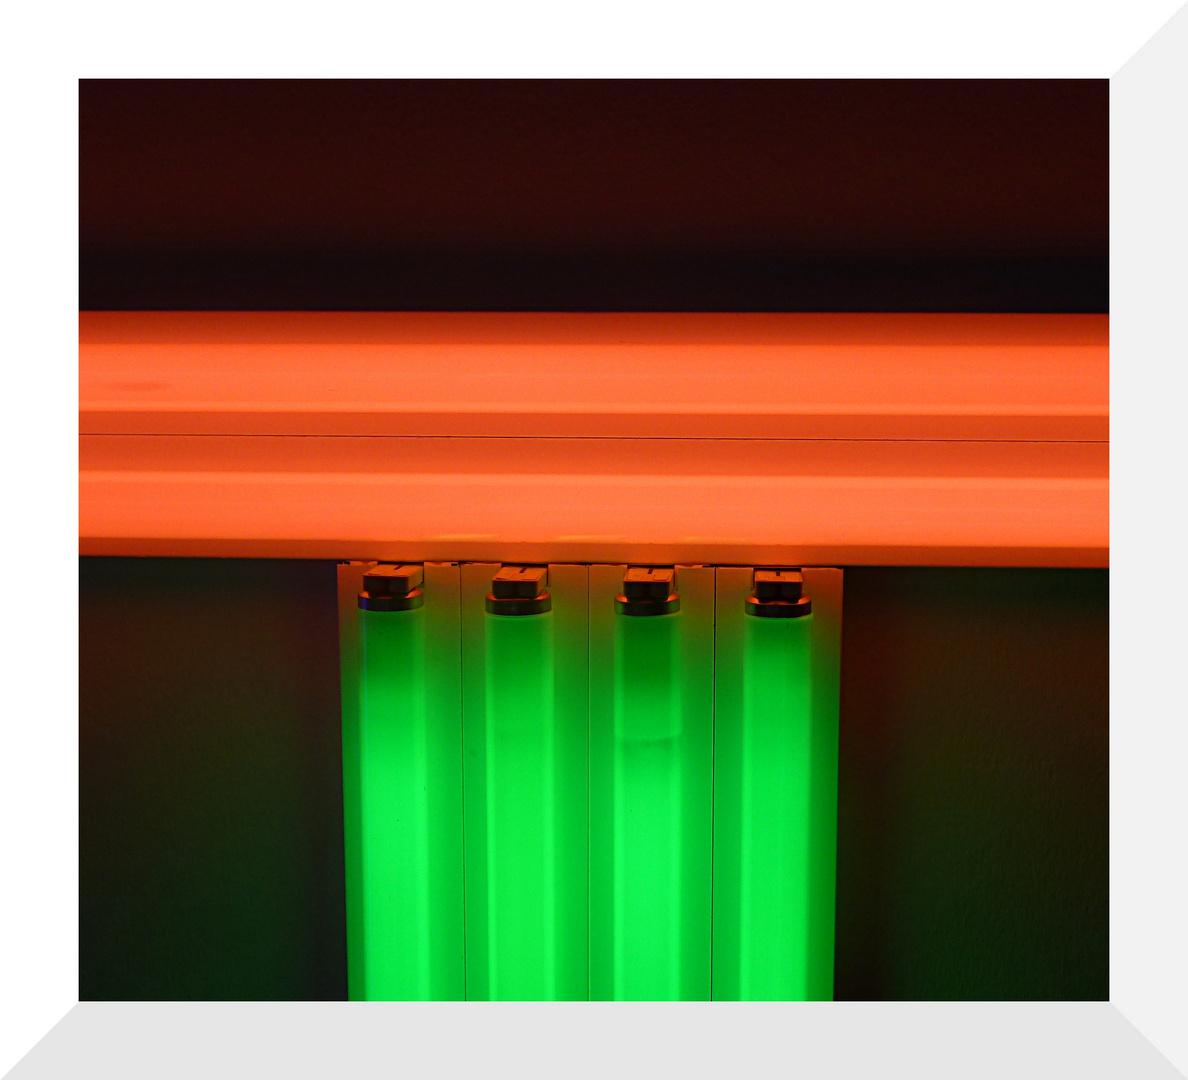 Neon-Licht